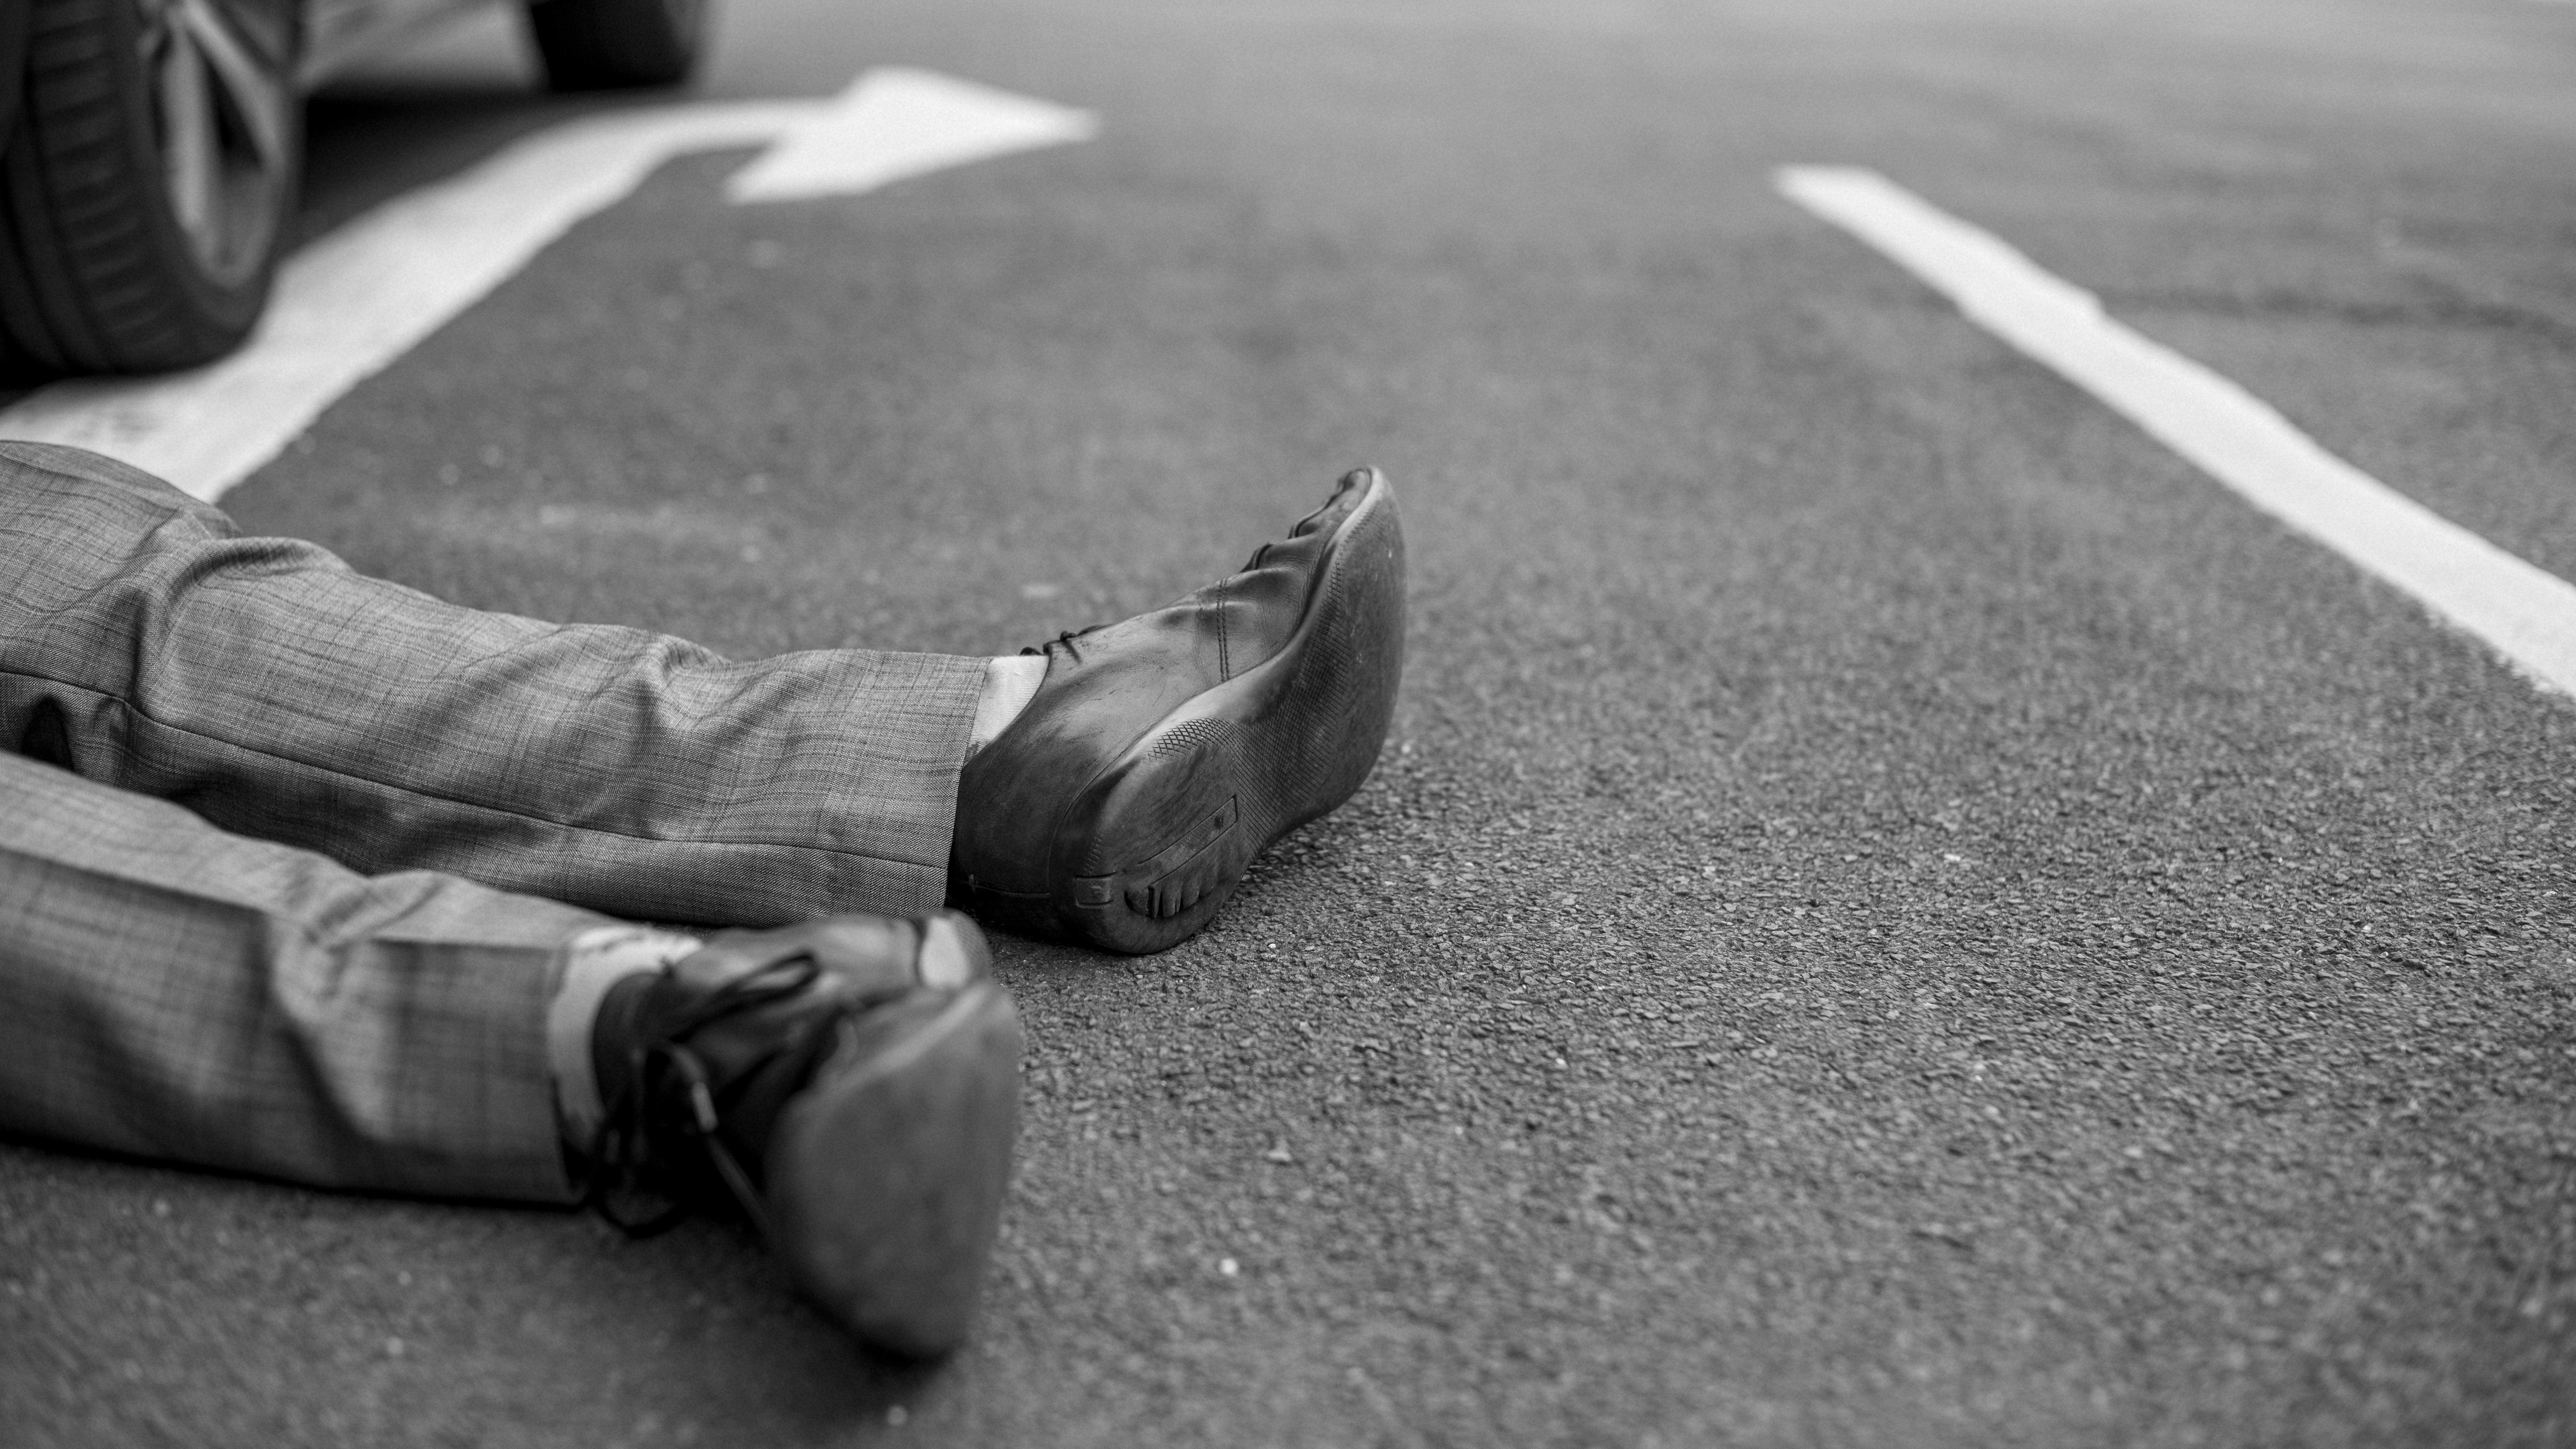 ▲車禍,撞車,酒駕,意外 。(圖/取自免費圖庫Pexels)